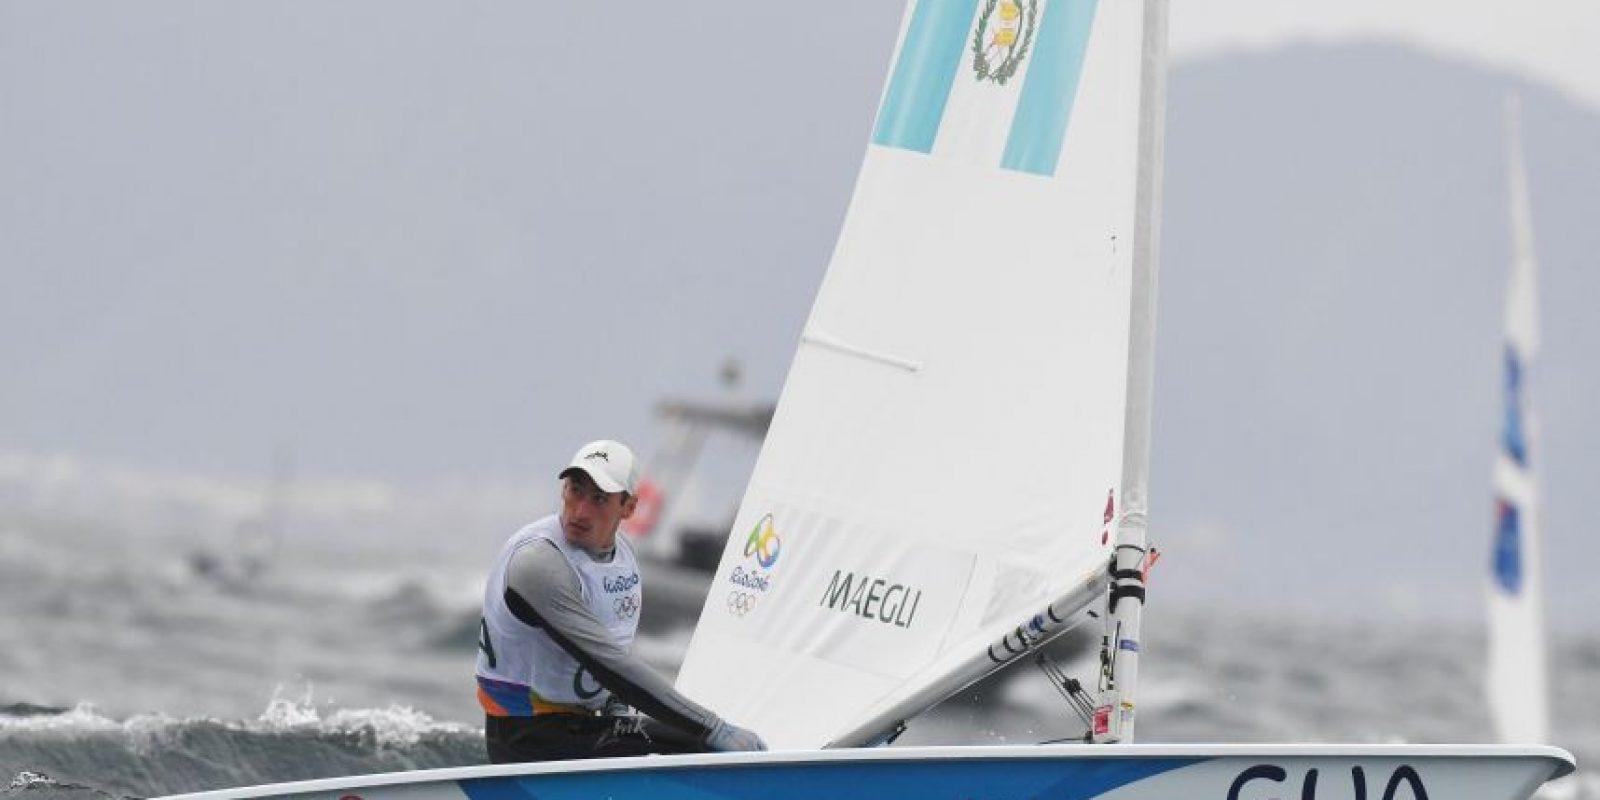 El velerista logró, hasta ahora, la mejor actuación de Guatemala en las justas olímpicas. Foto:COG